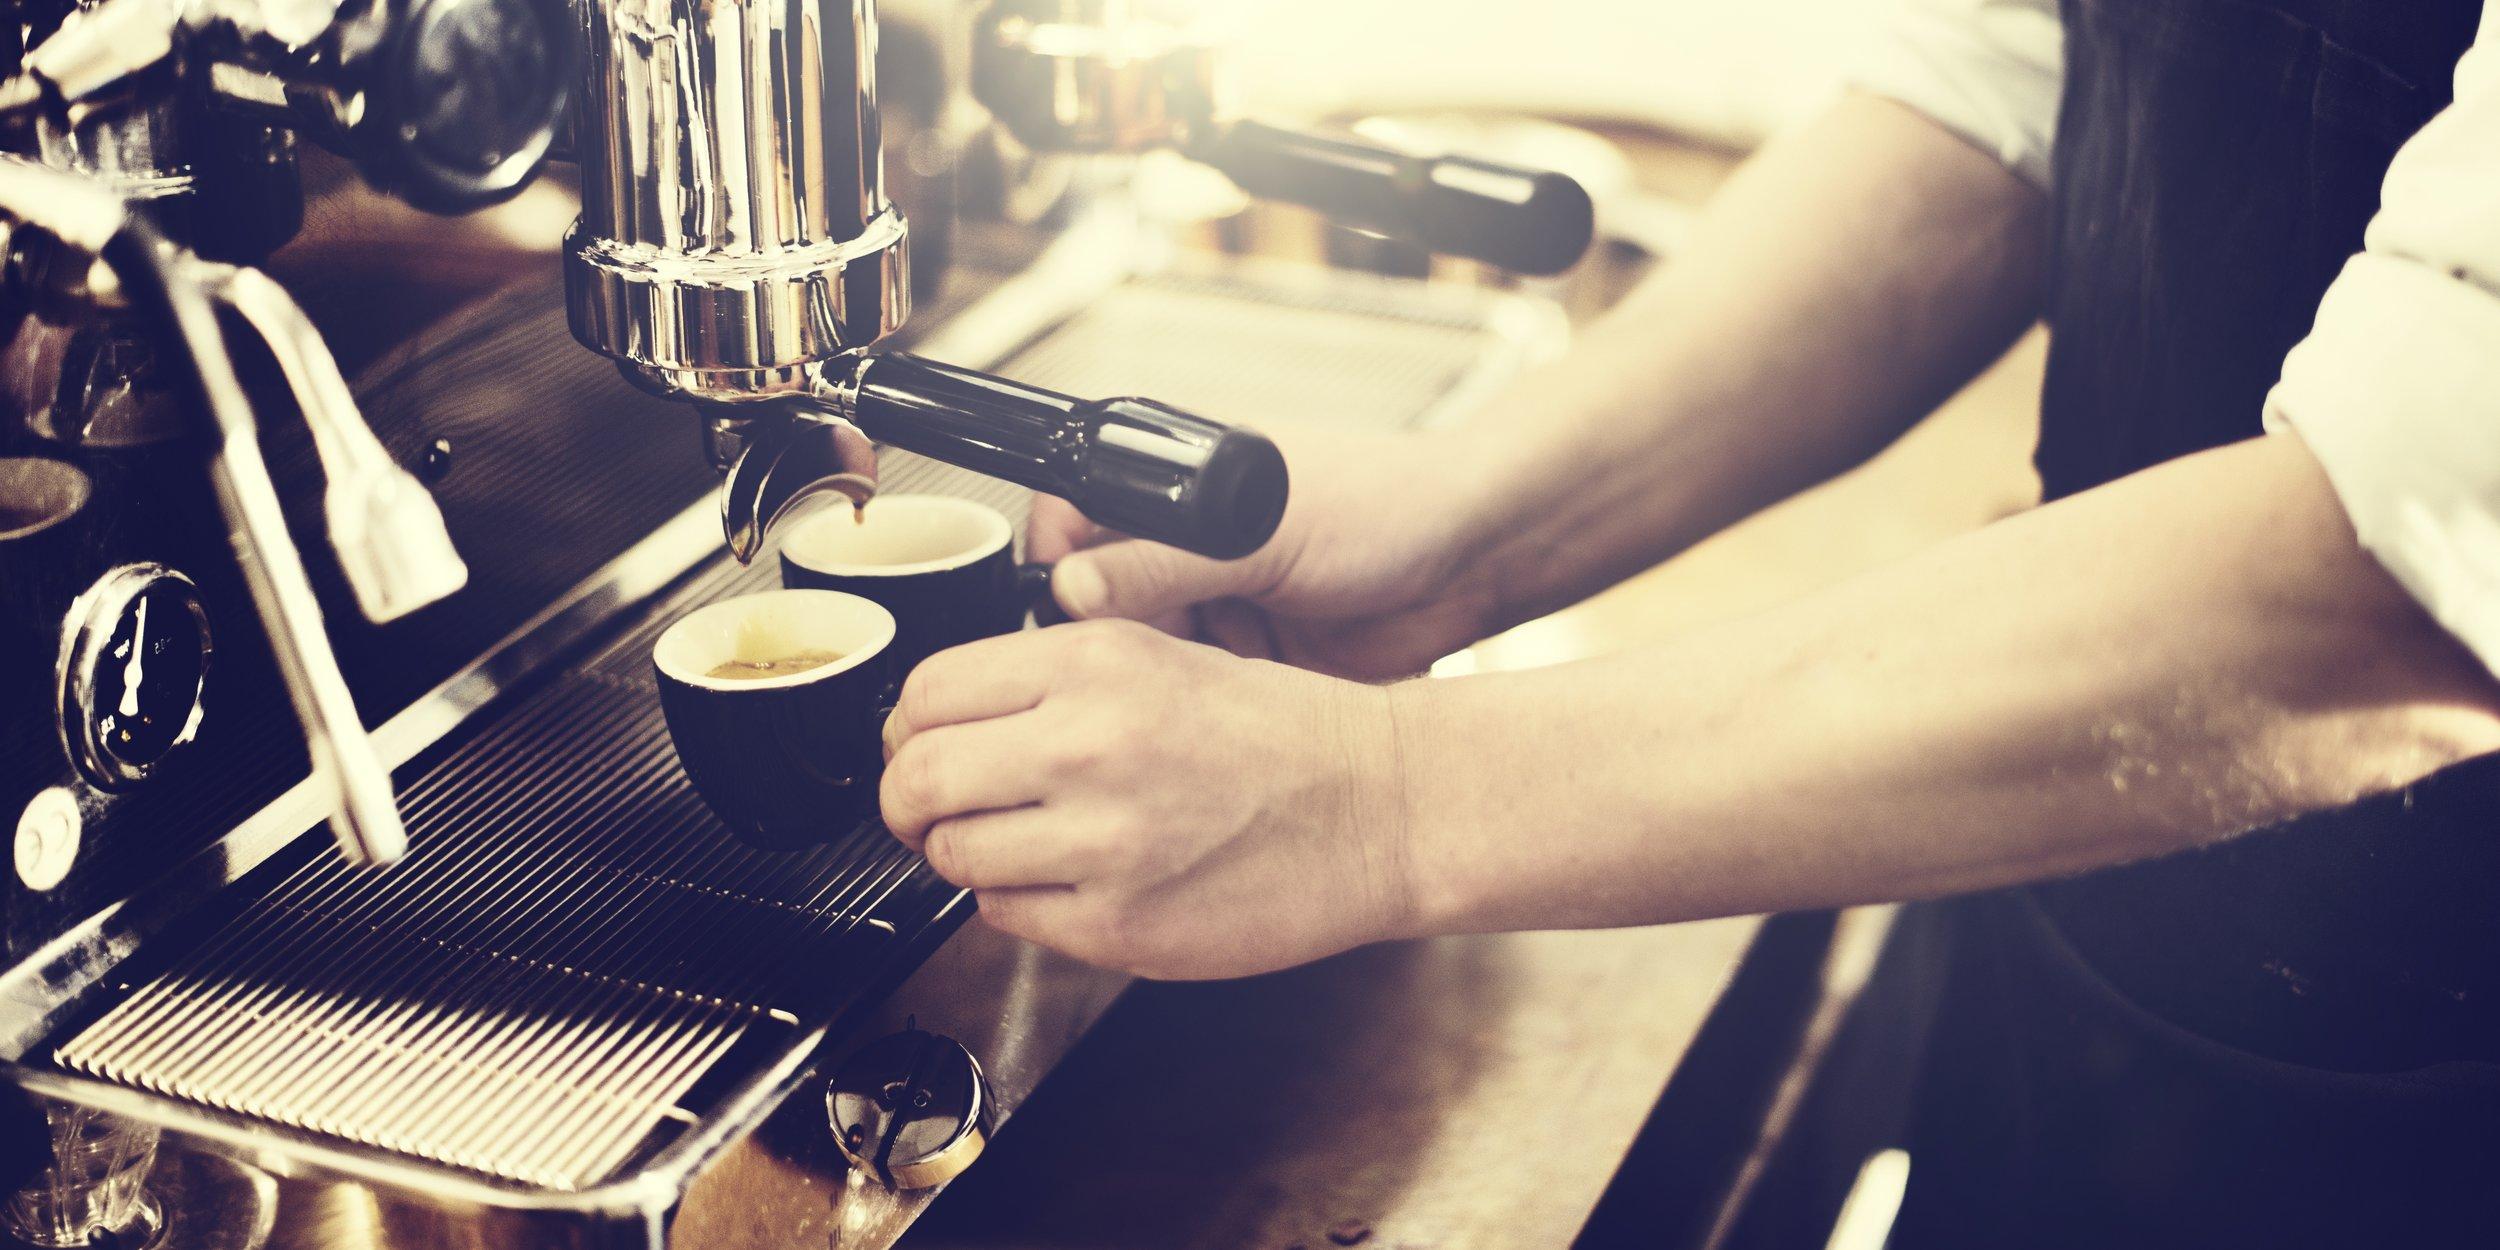 Espresso... Yum!